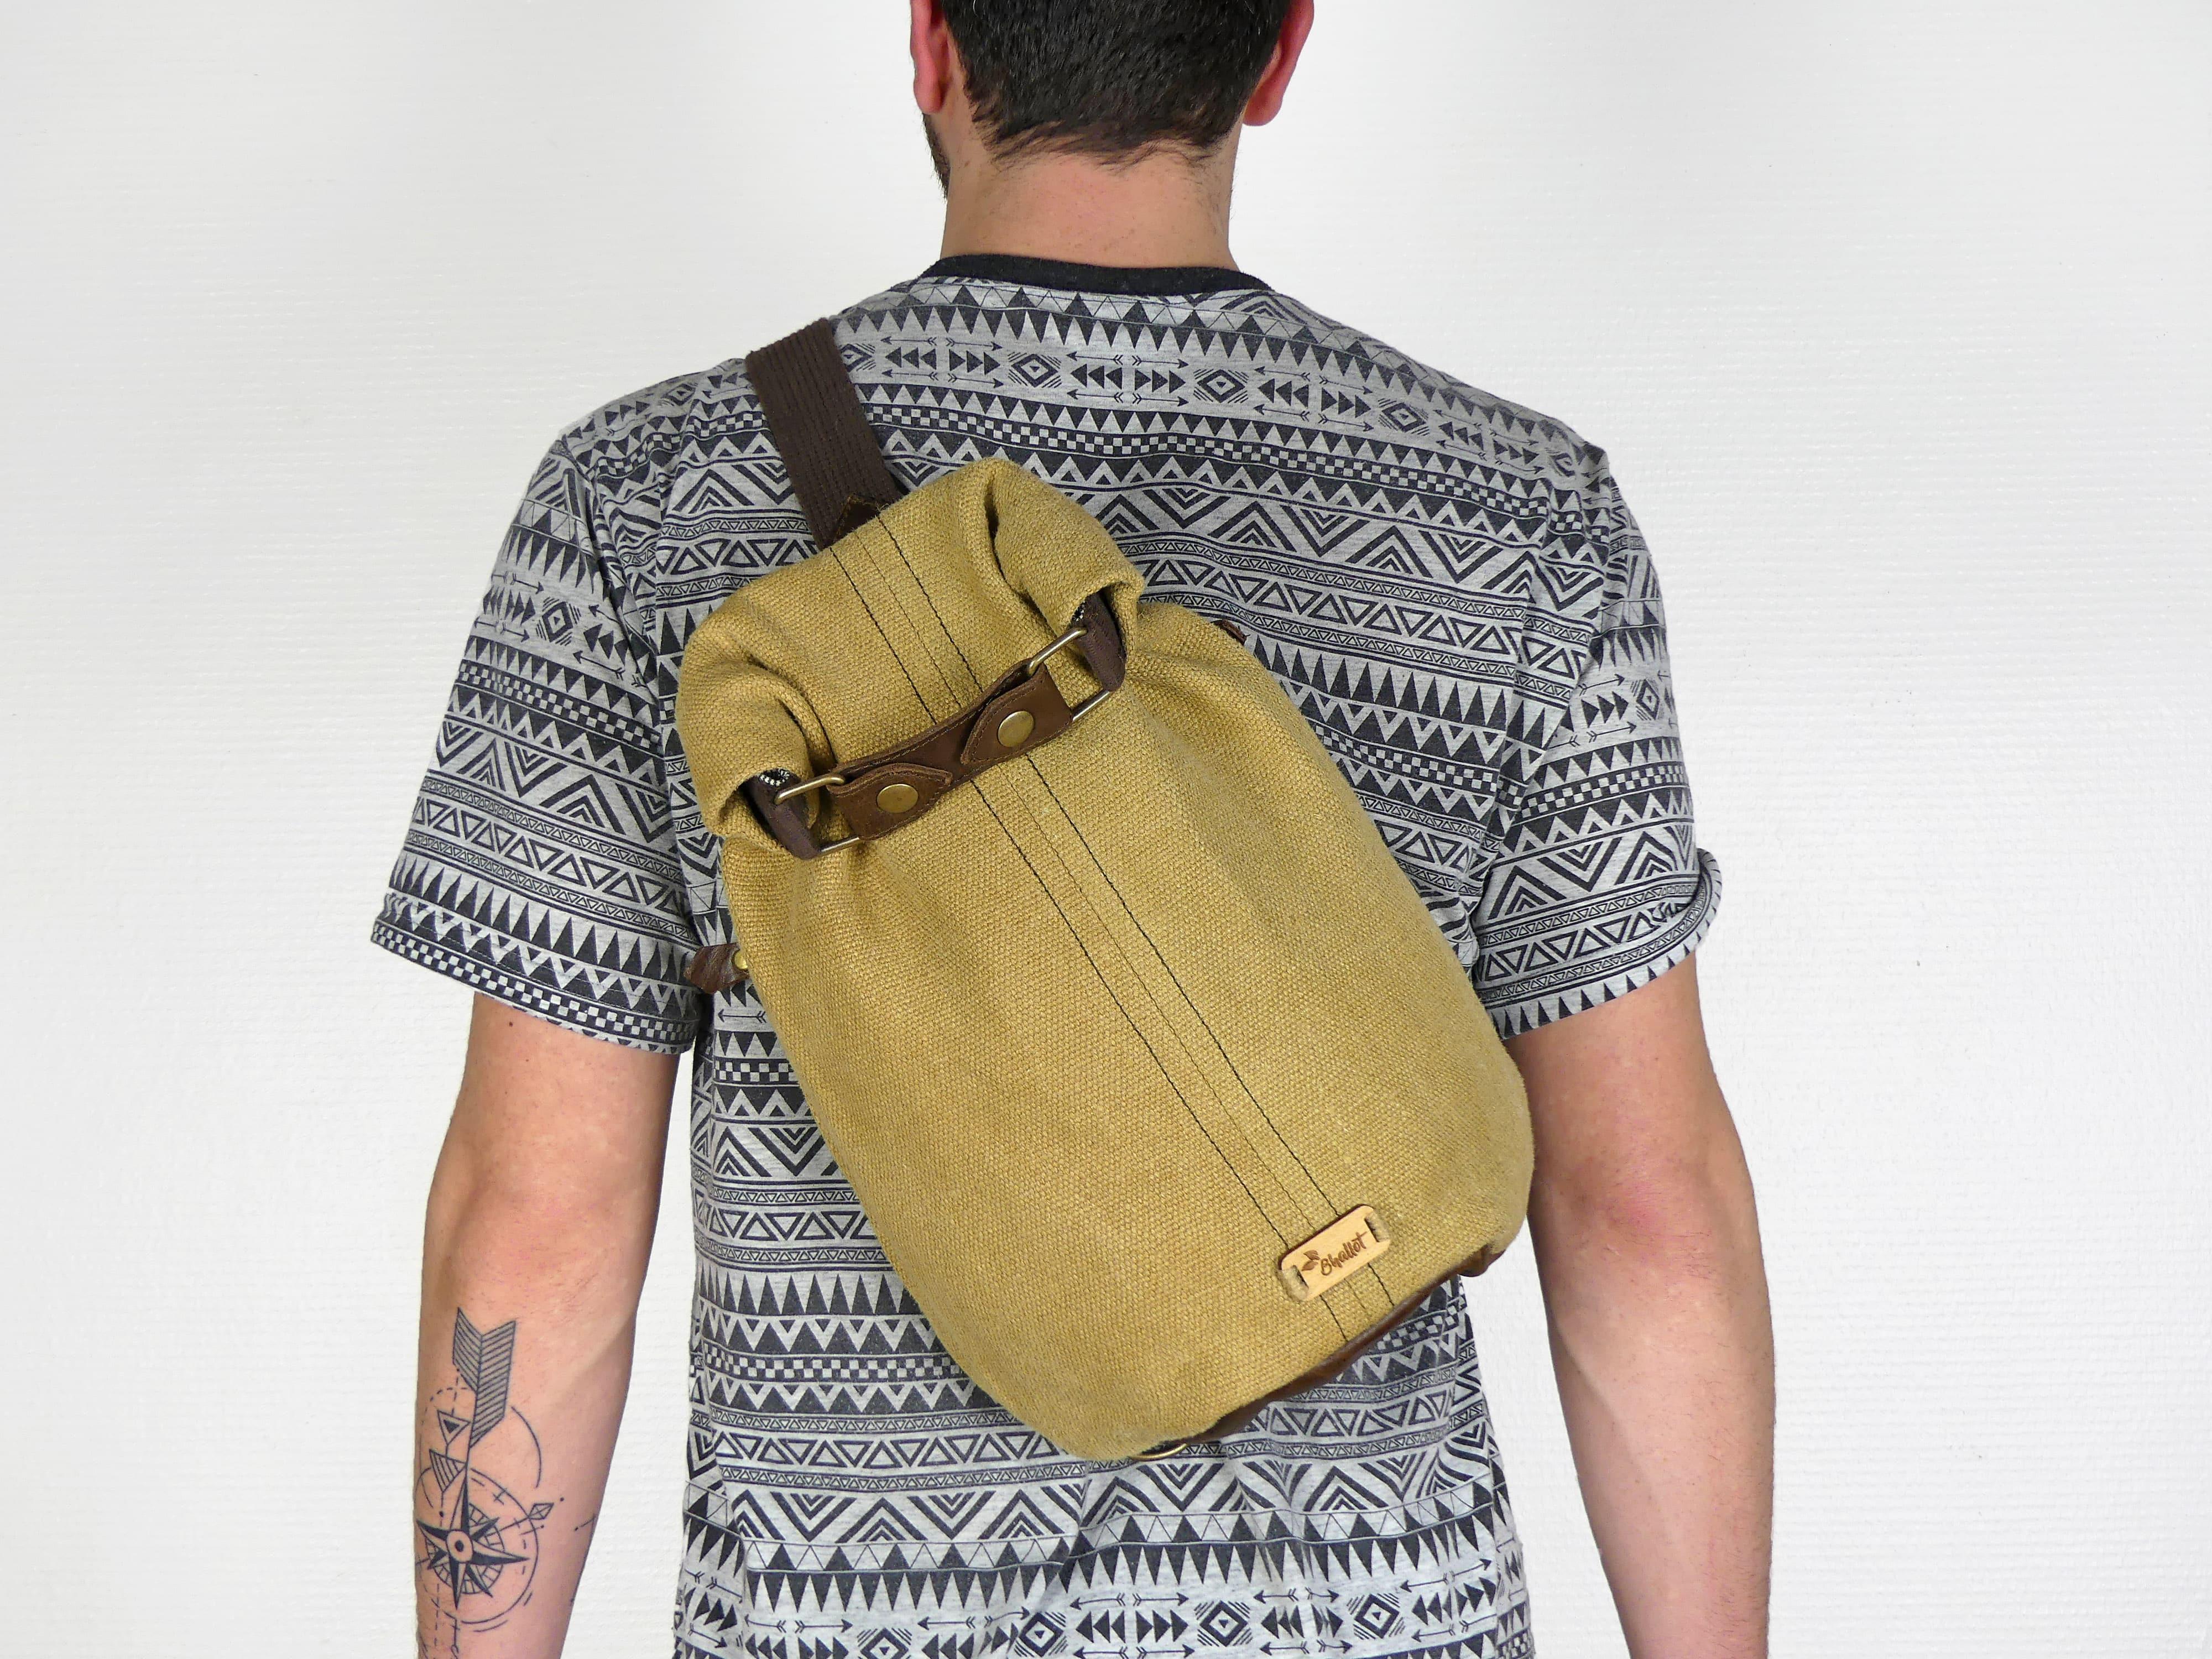 Petit sac à dos bandoulière, balish - le baluchon - Bhallot num 8